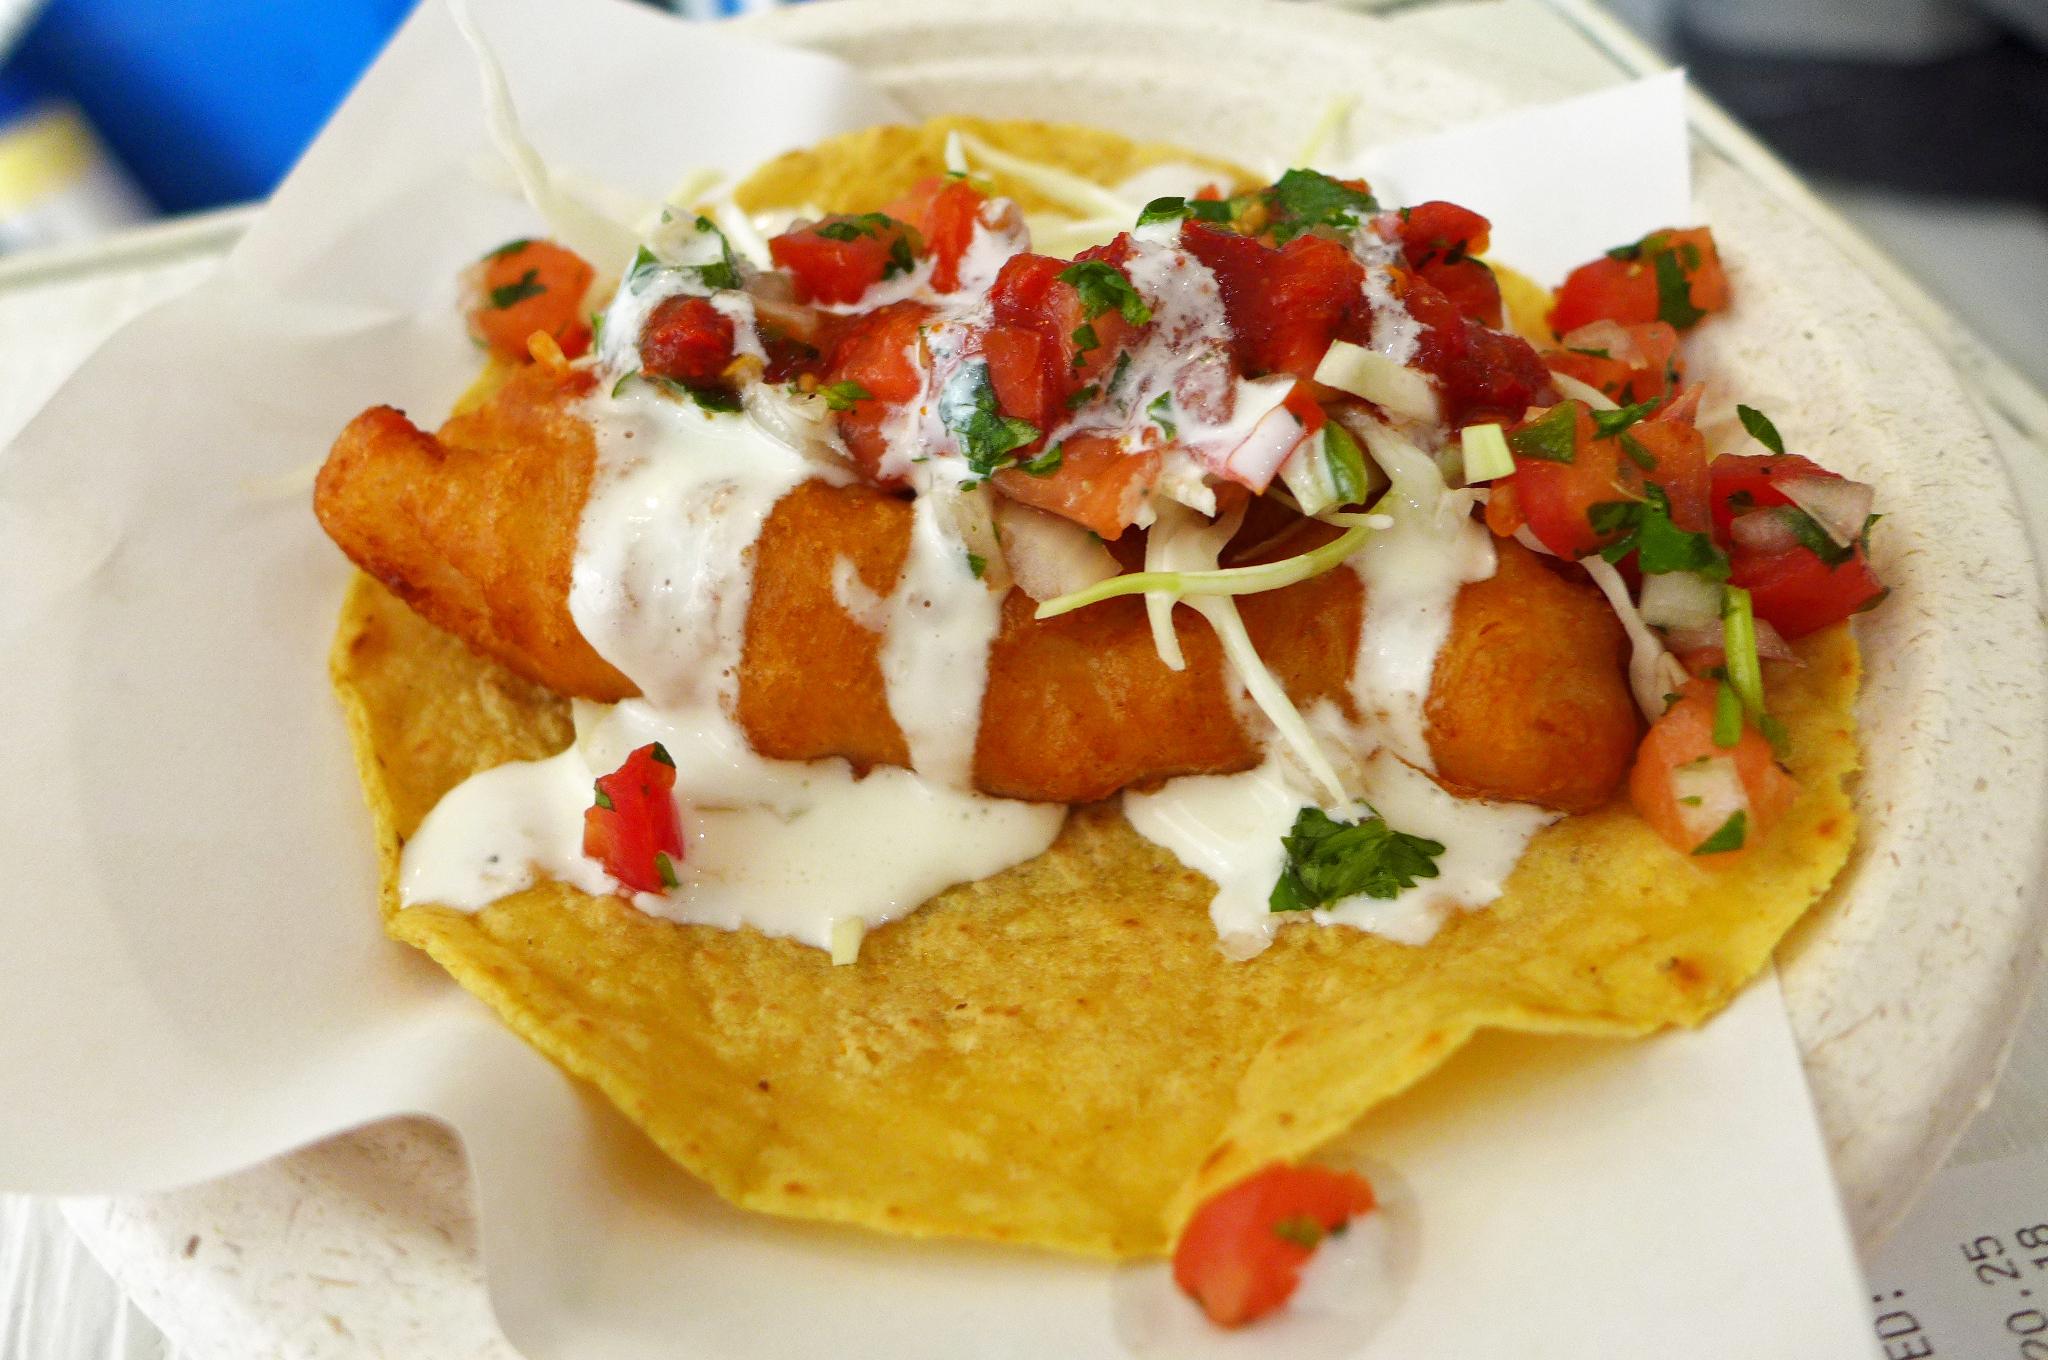 Los Mariscos Brings Bodacious Baja Fish Tacos To Chelsea